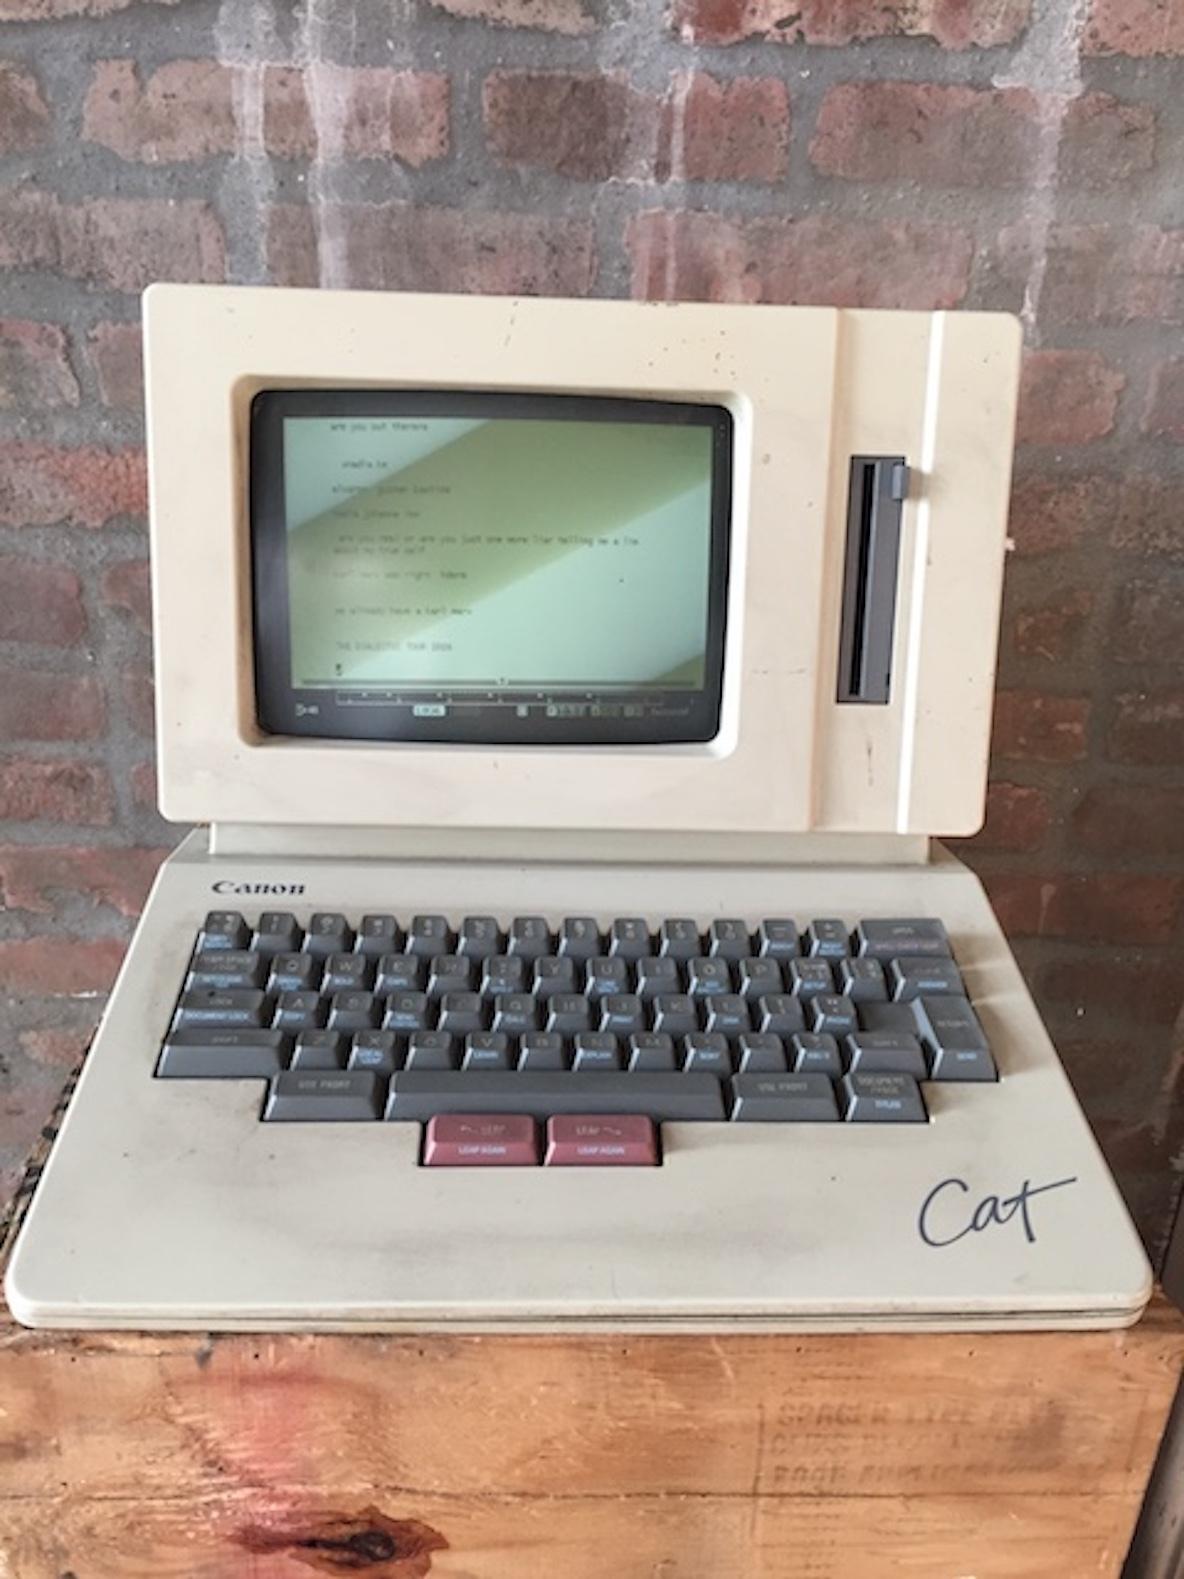 11人のアーティストが暮らす、ニューヨーク・ブルックリンのレトロなアパートメントにある古いパソコン